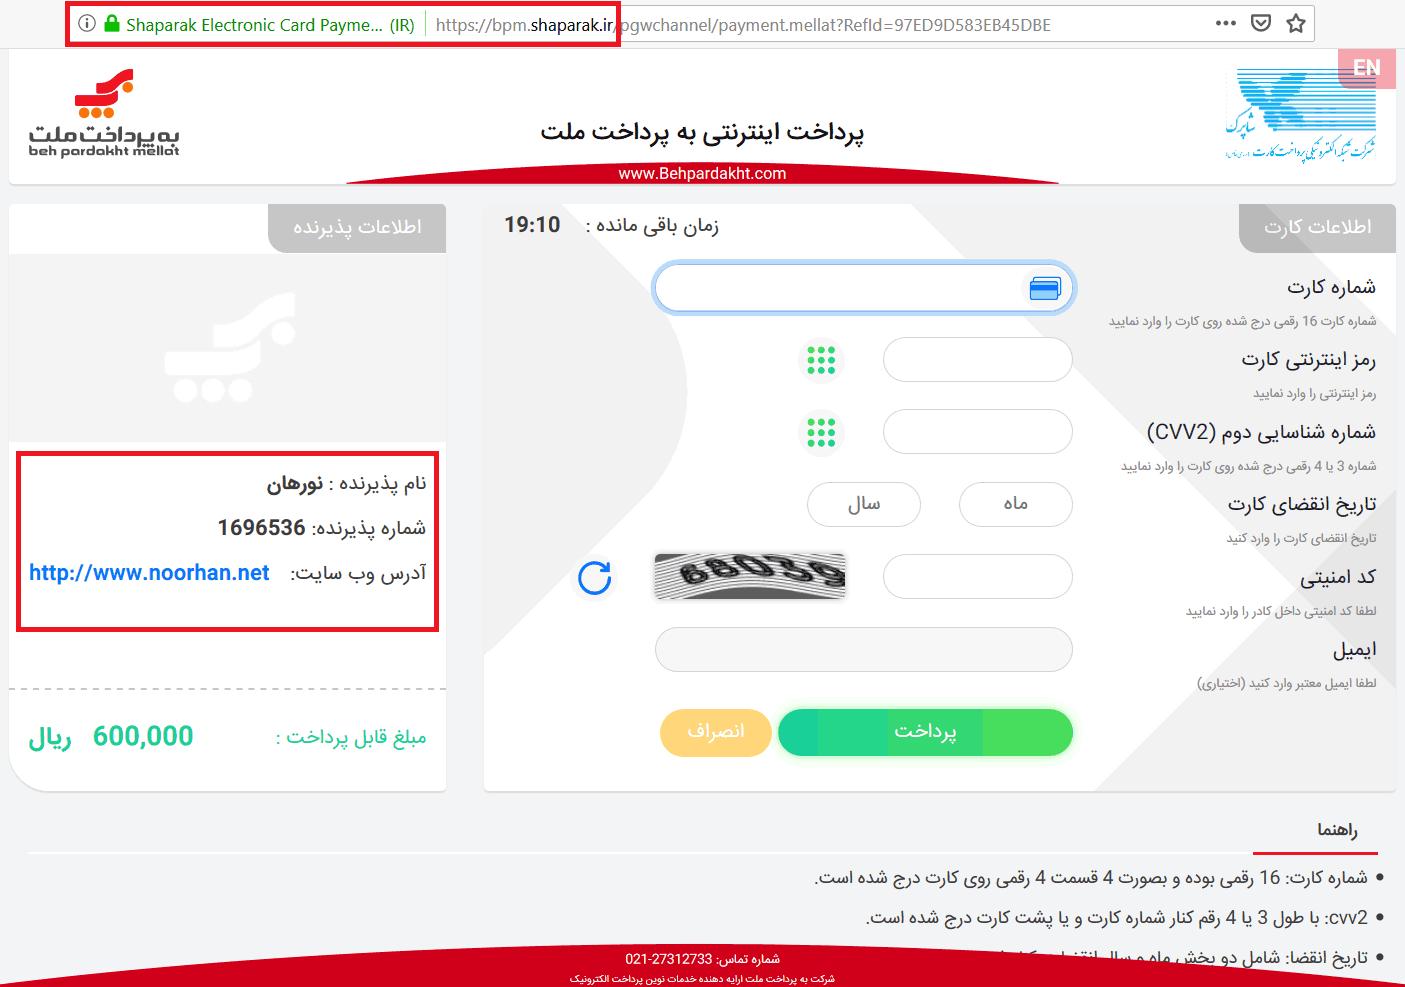 درگاه پرداخت مستقیم بانک ملت زعفران نورهان